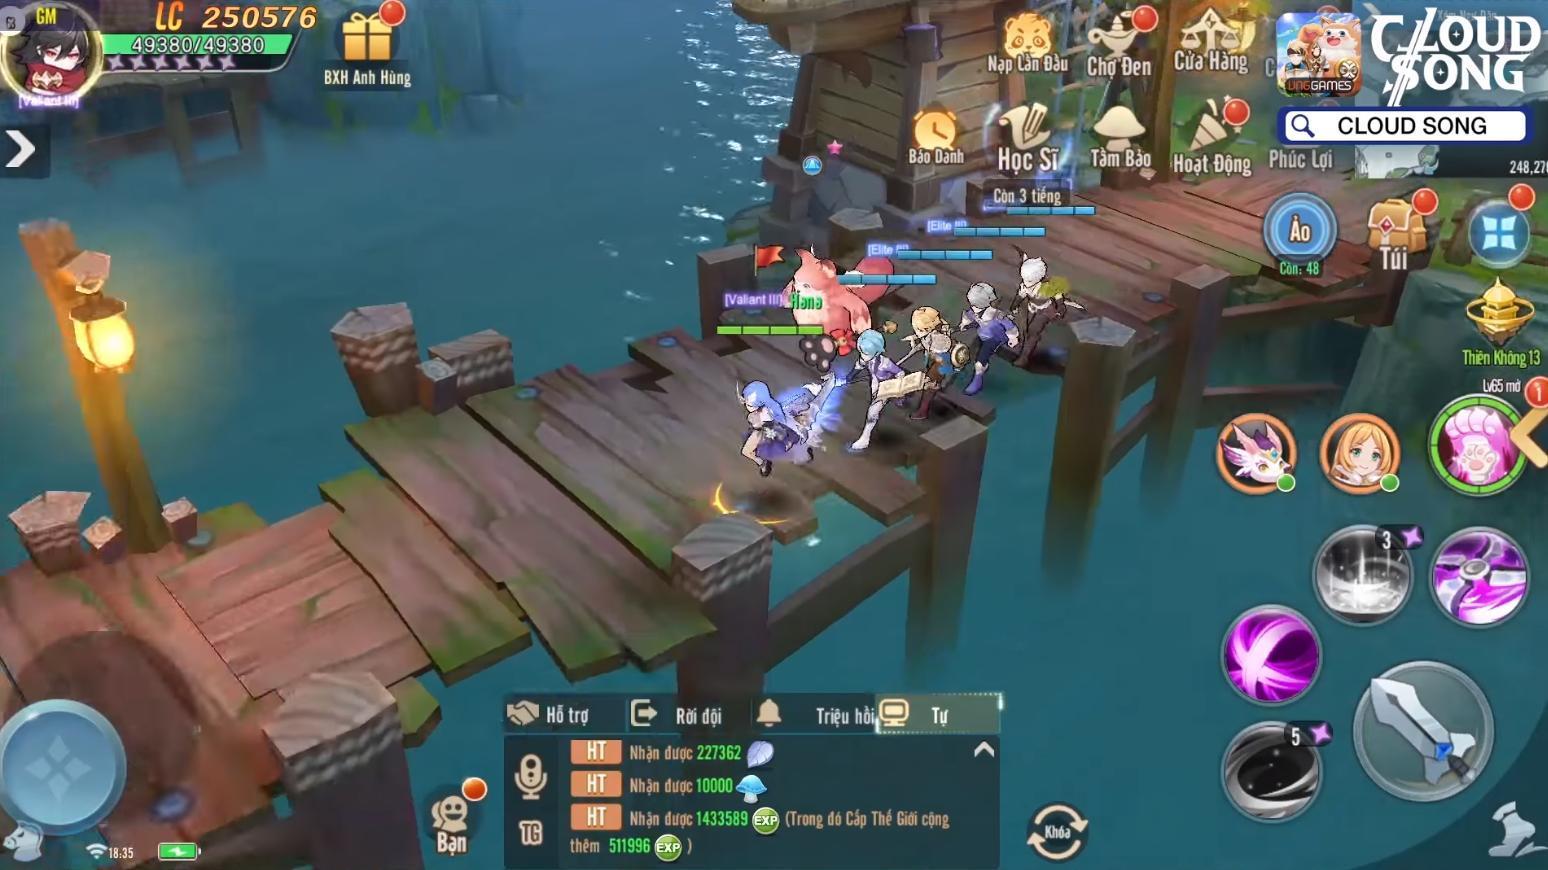 Bom tấn MMORPG mang đậm màu sắc Fantasy của VNG chính thức ấn định ngày phát hành - Ảnh 4.